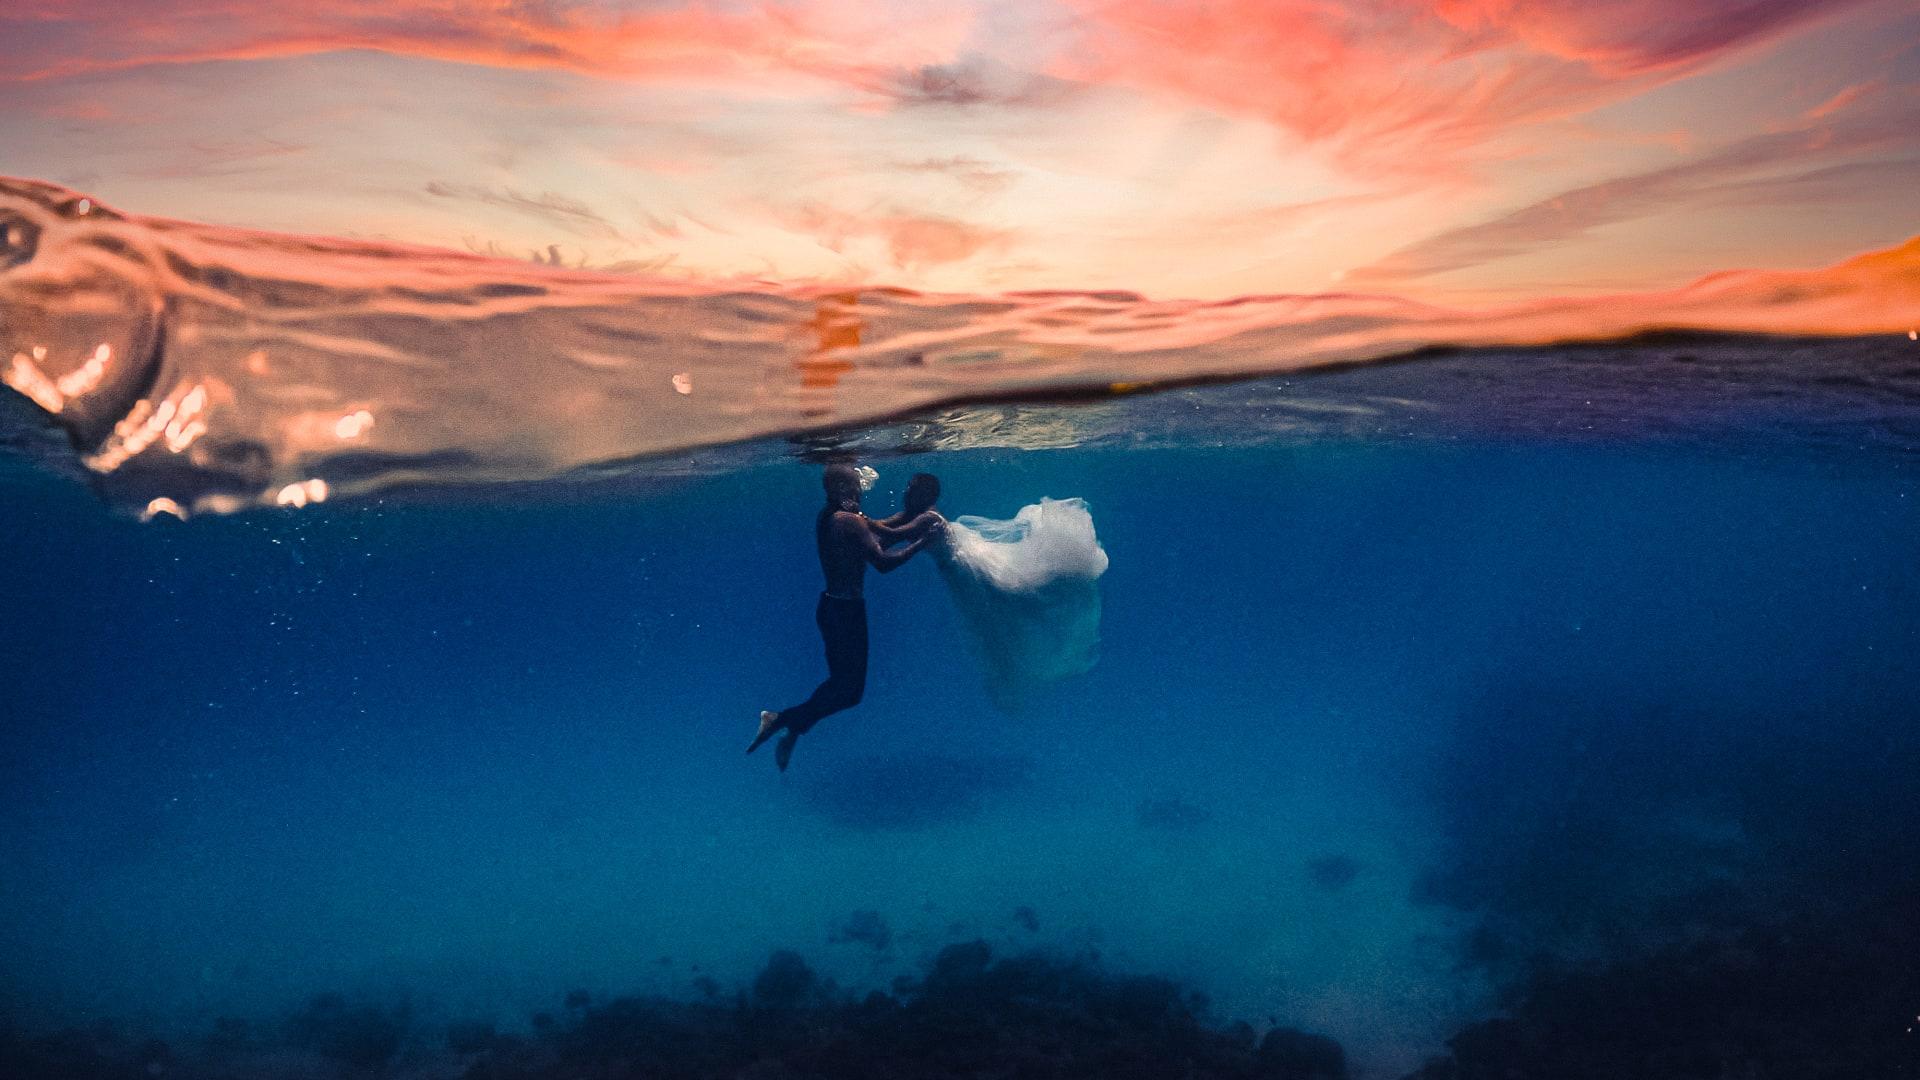 زفاف تحت الماء في جزر المالديف